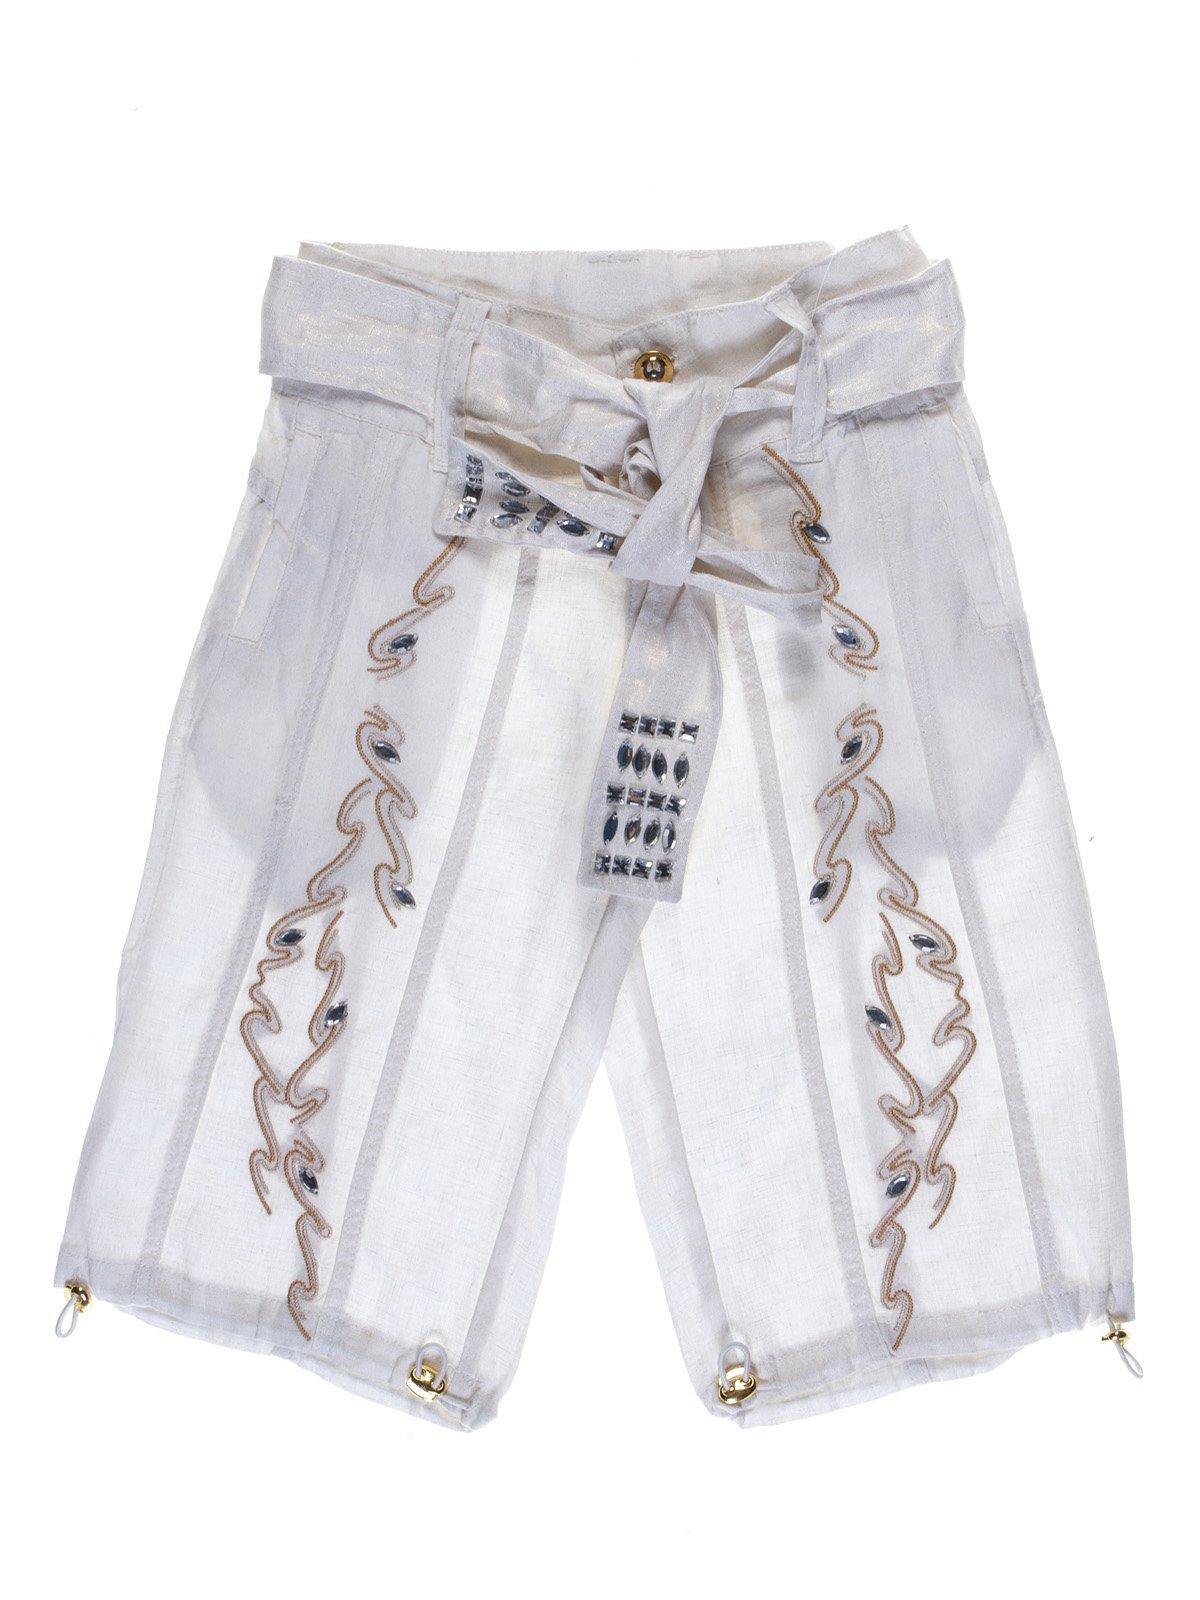 Бриджі білі з вишивкою і декором | 1051133